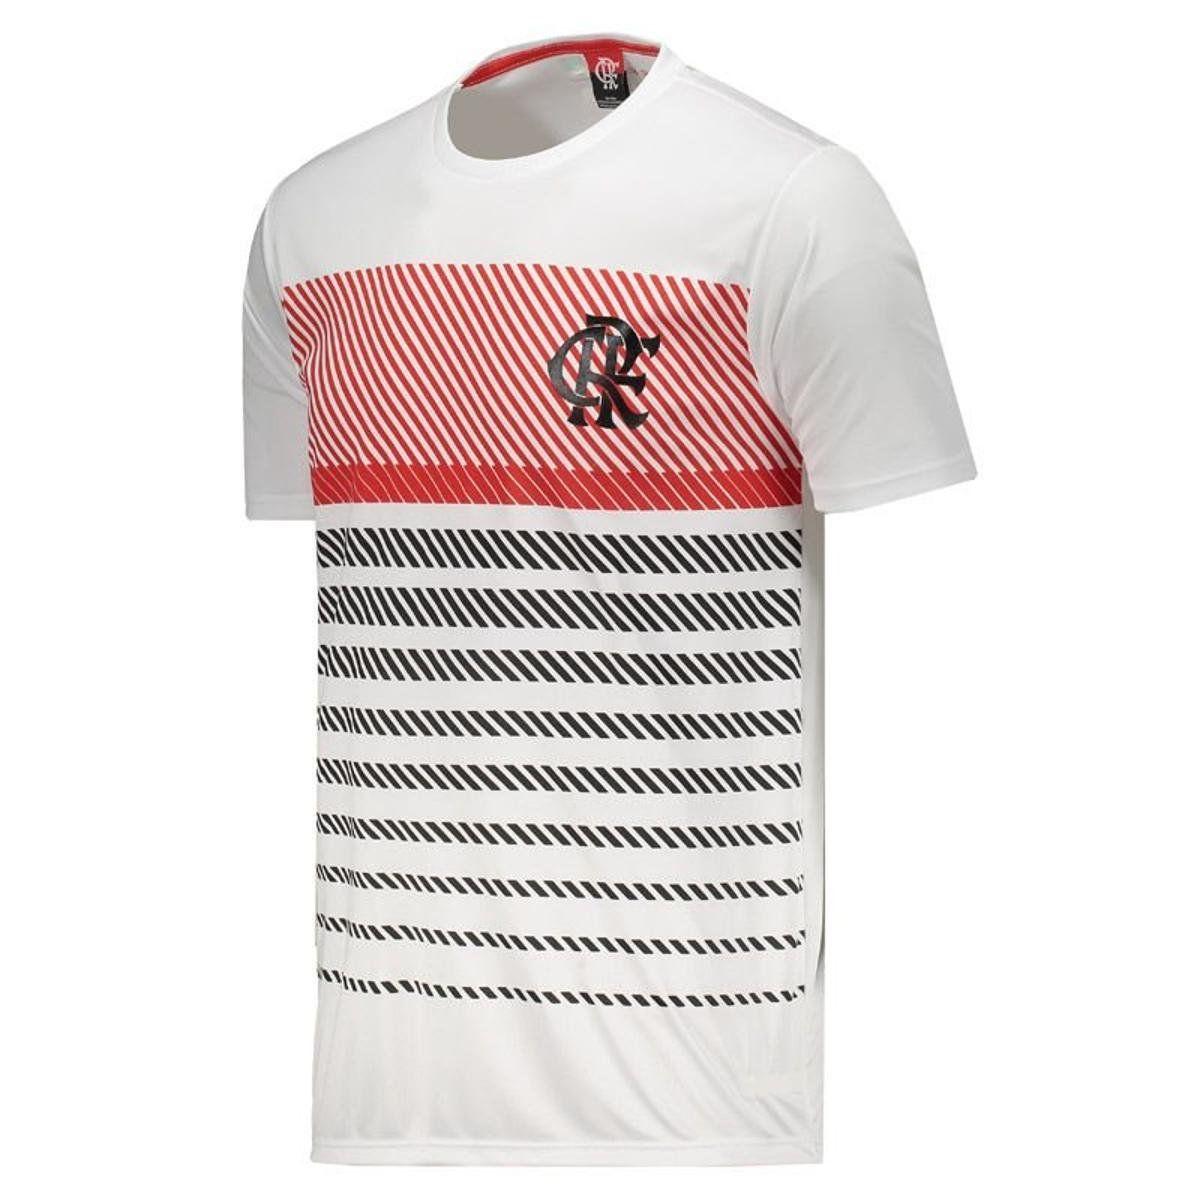 Camisa Braziline Flamengo Graphic - Masculino - Branco e Vermelho